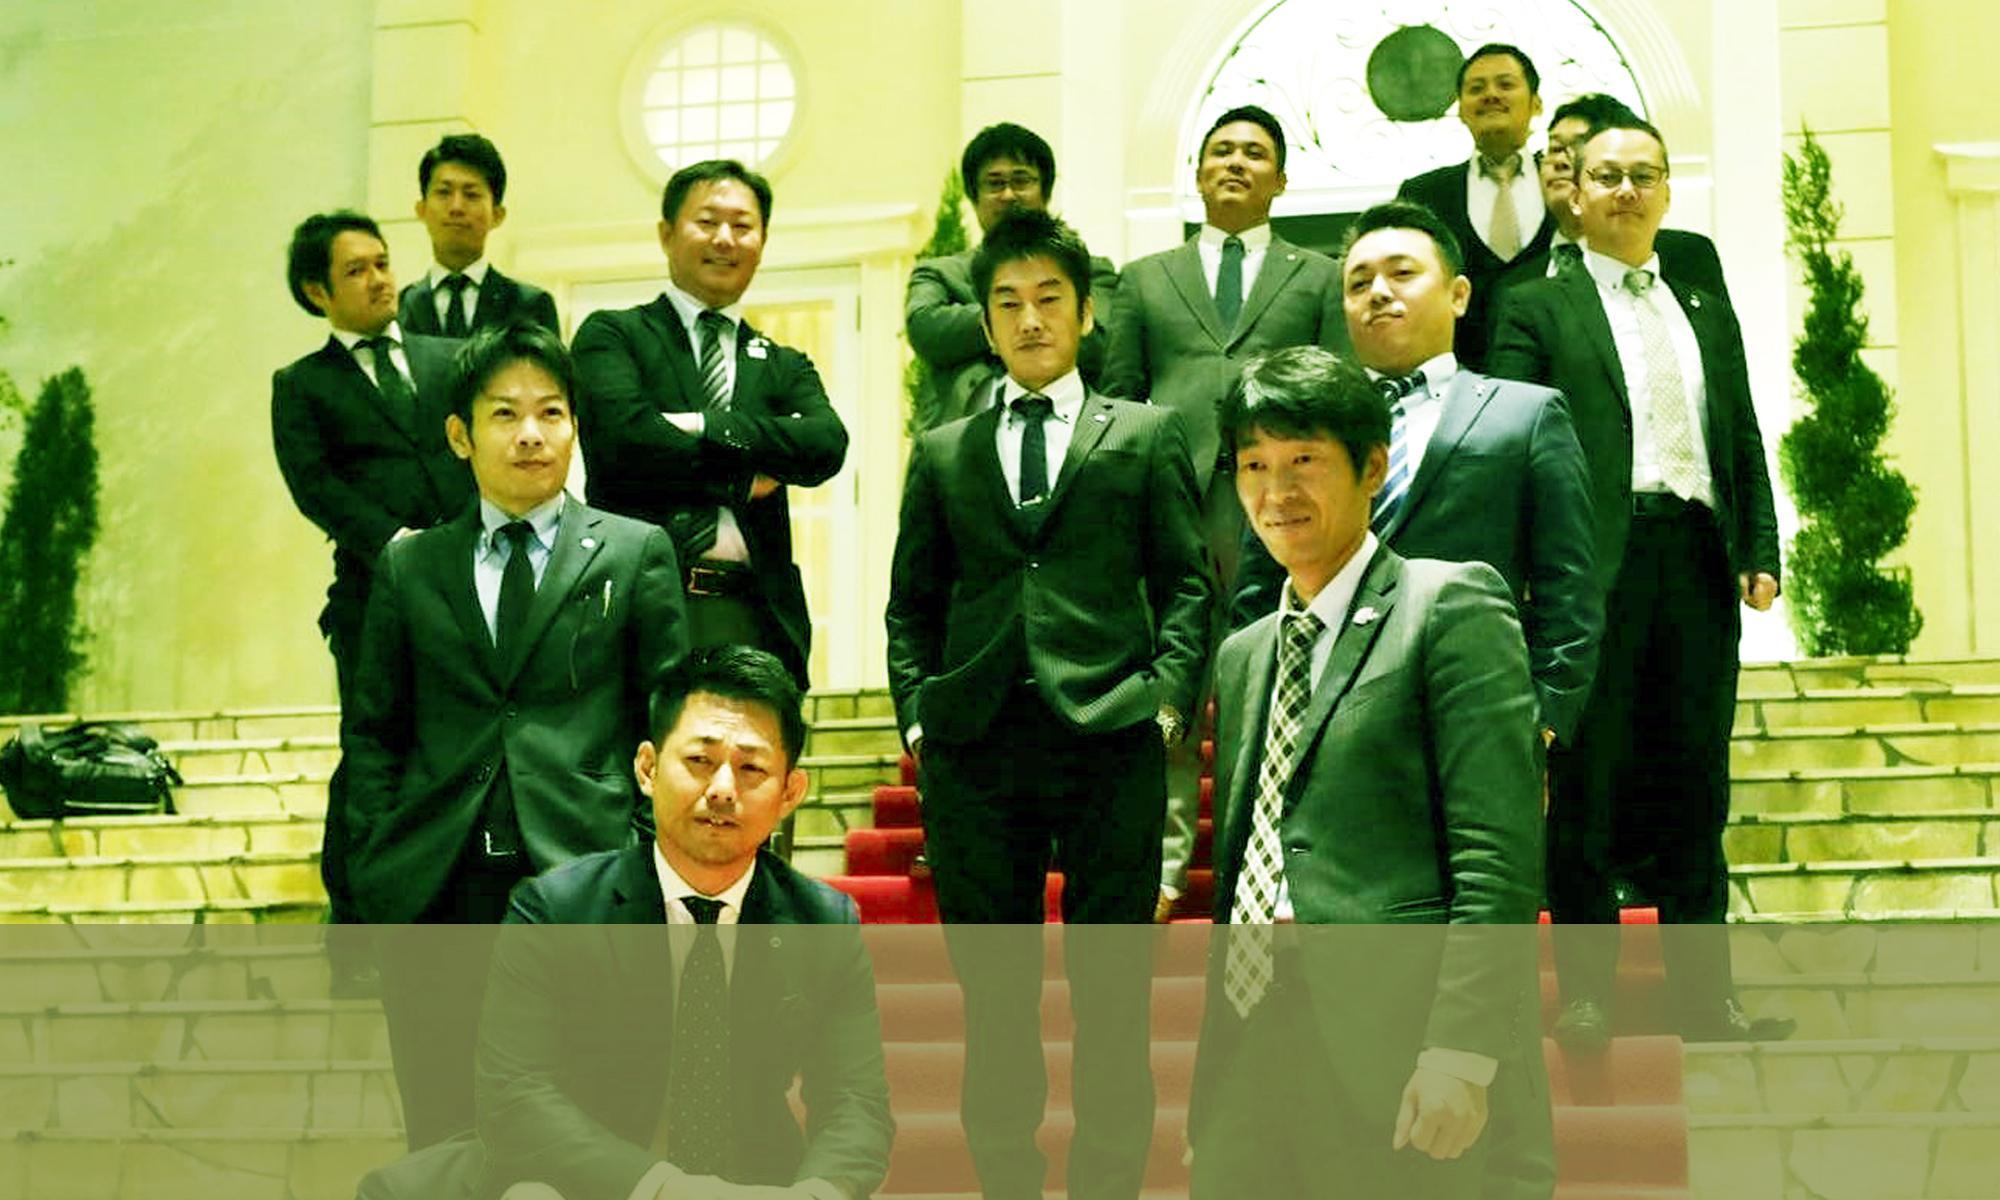 三次商工会議所青年部 2018 「 道 」 - And then a new story - MIYOSHI-YEG